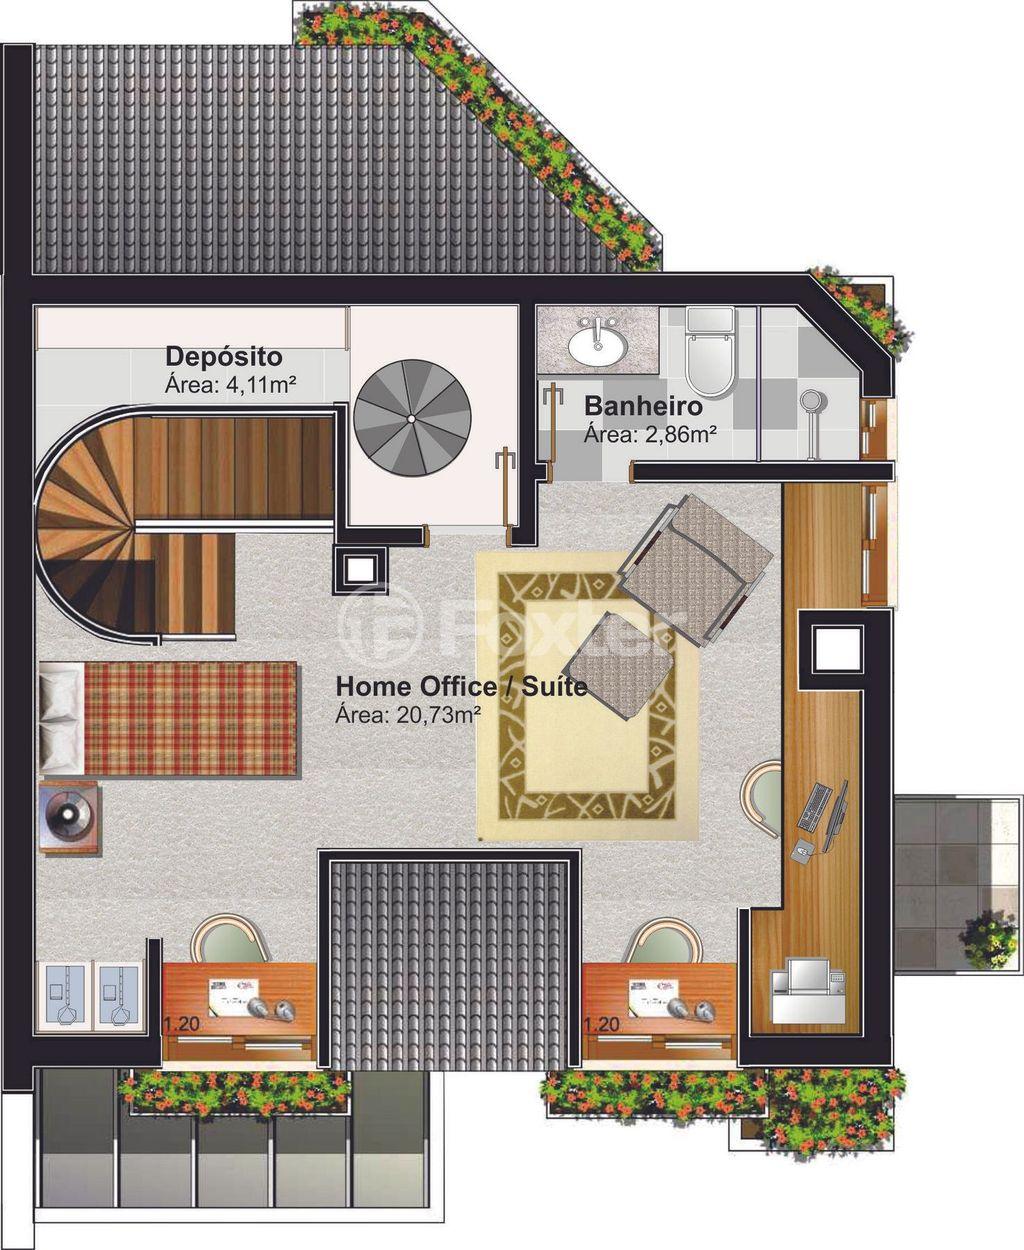 Casa 2 Dorm, Planalto, Gramado (124619) - Foto 14